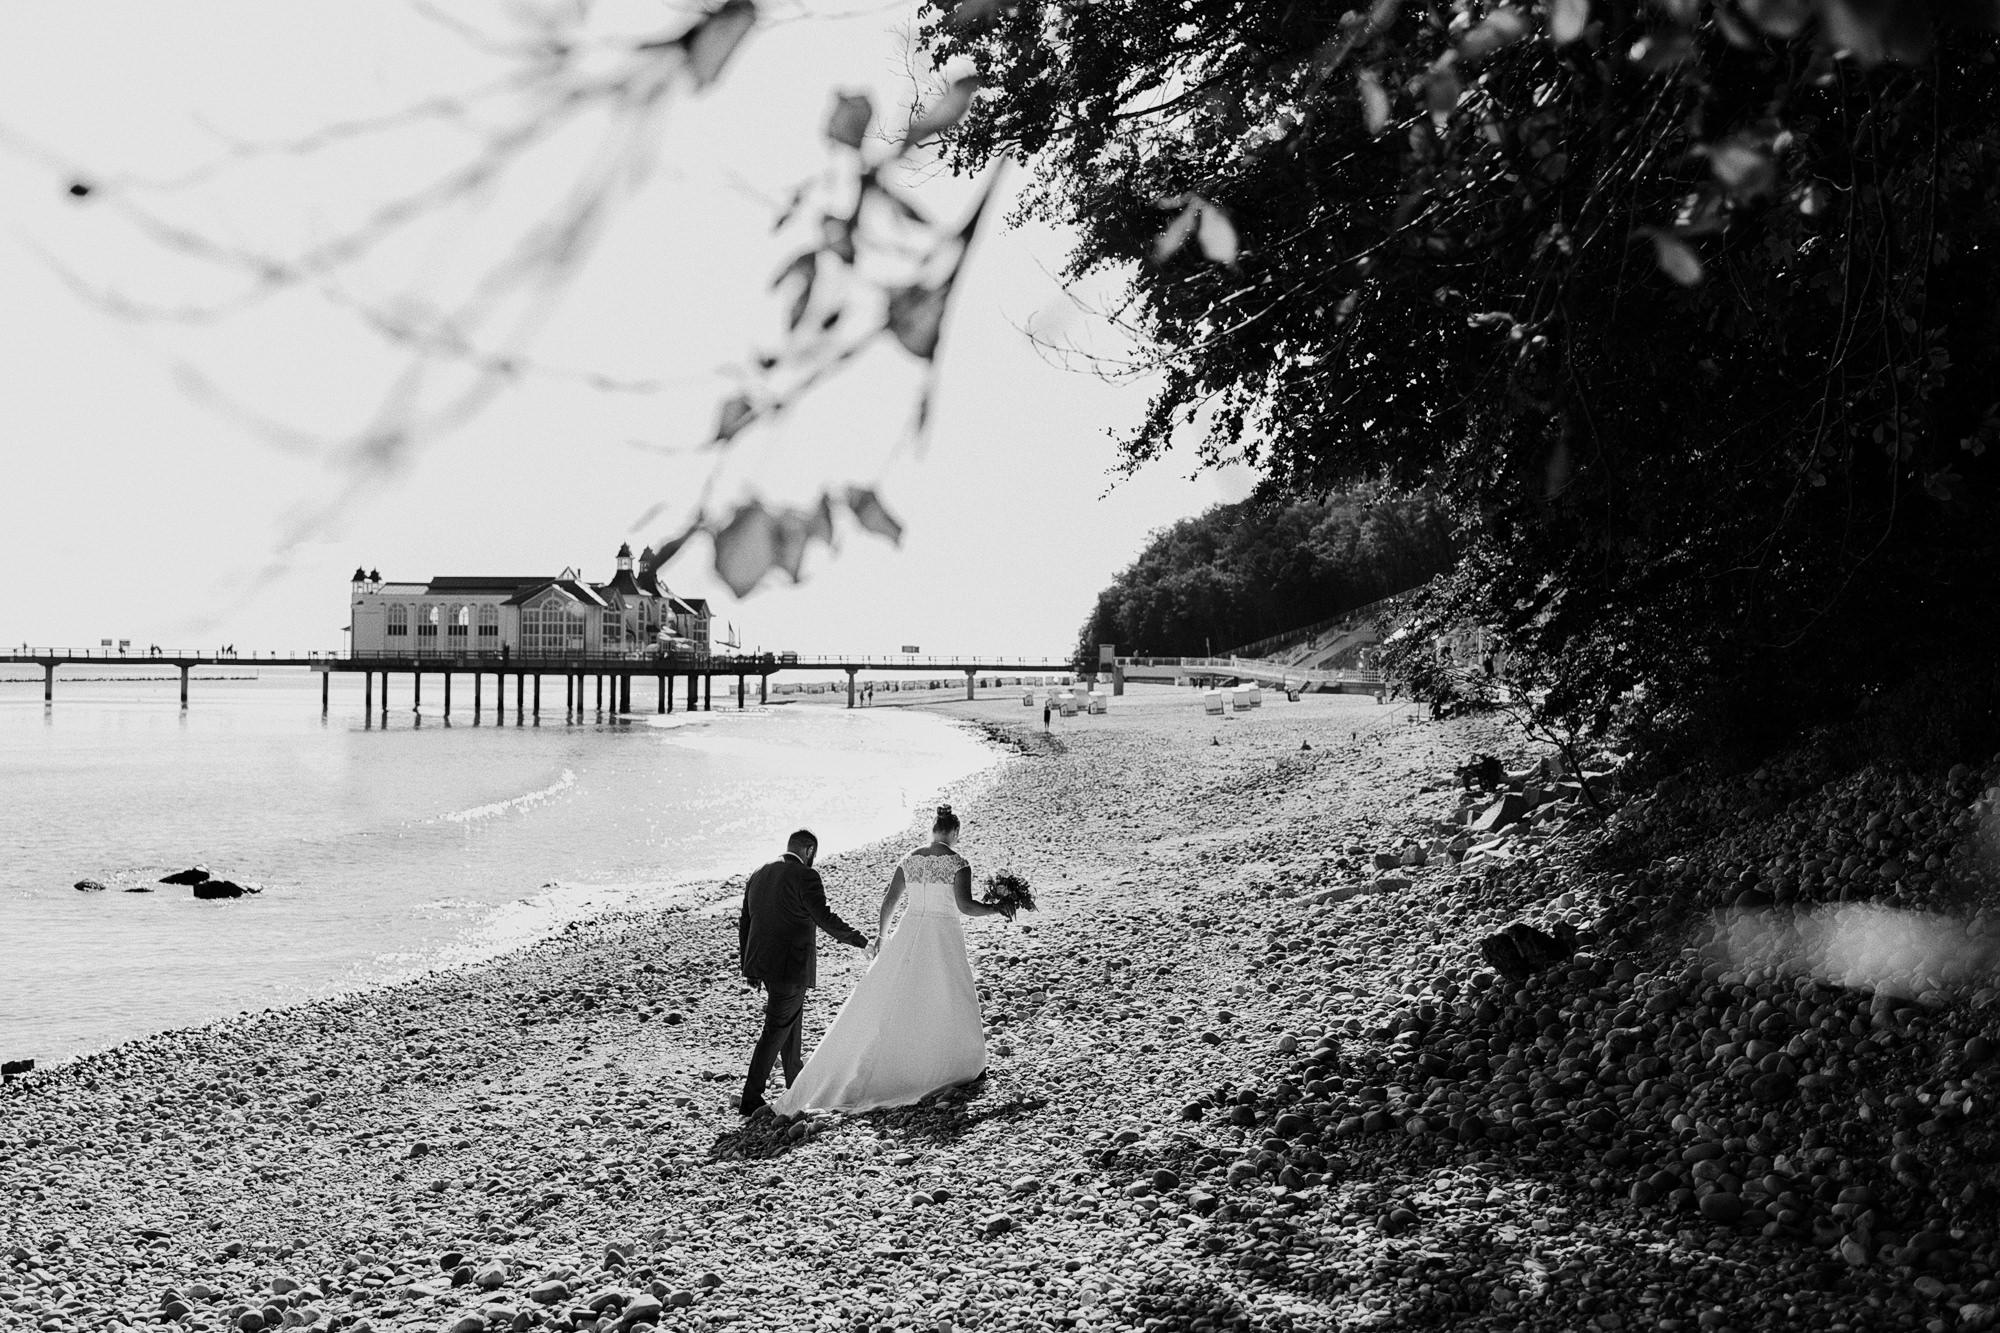 Hochzeit - Fischland Darß - Heiraten - Zingst - Seebruecke - Elopement